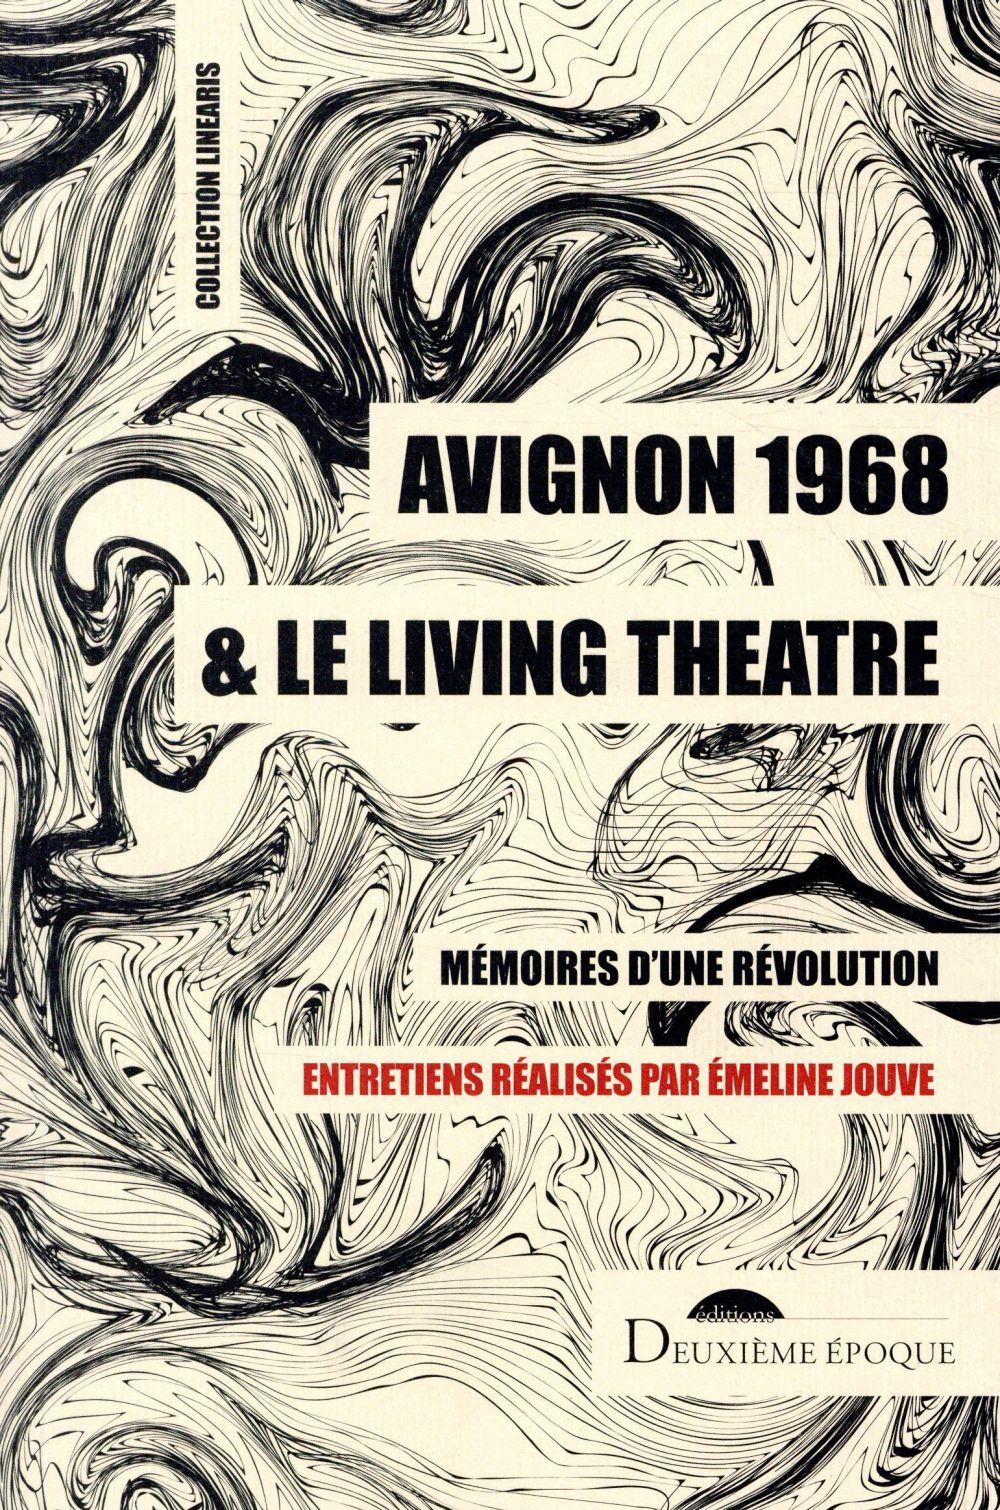 Avignon 1968 & le living theatre